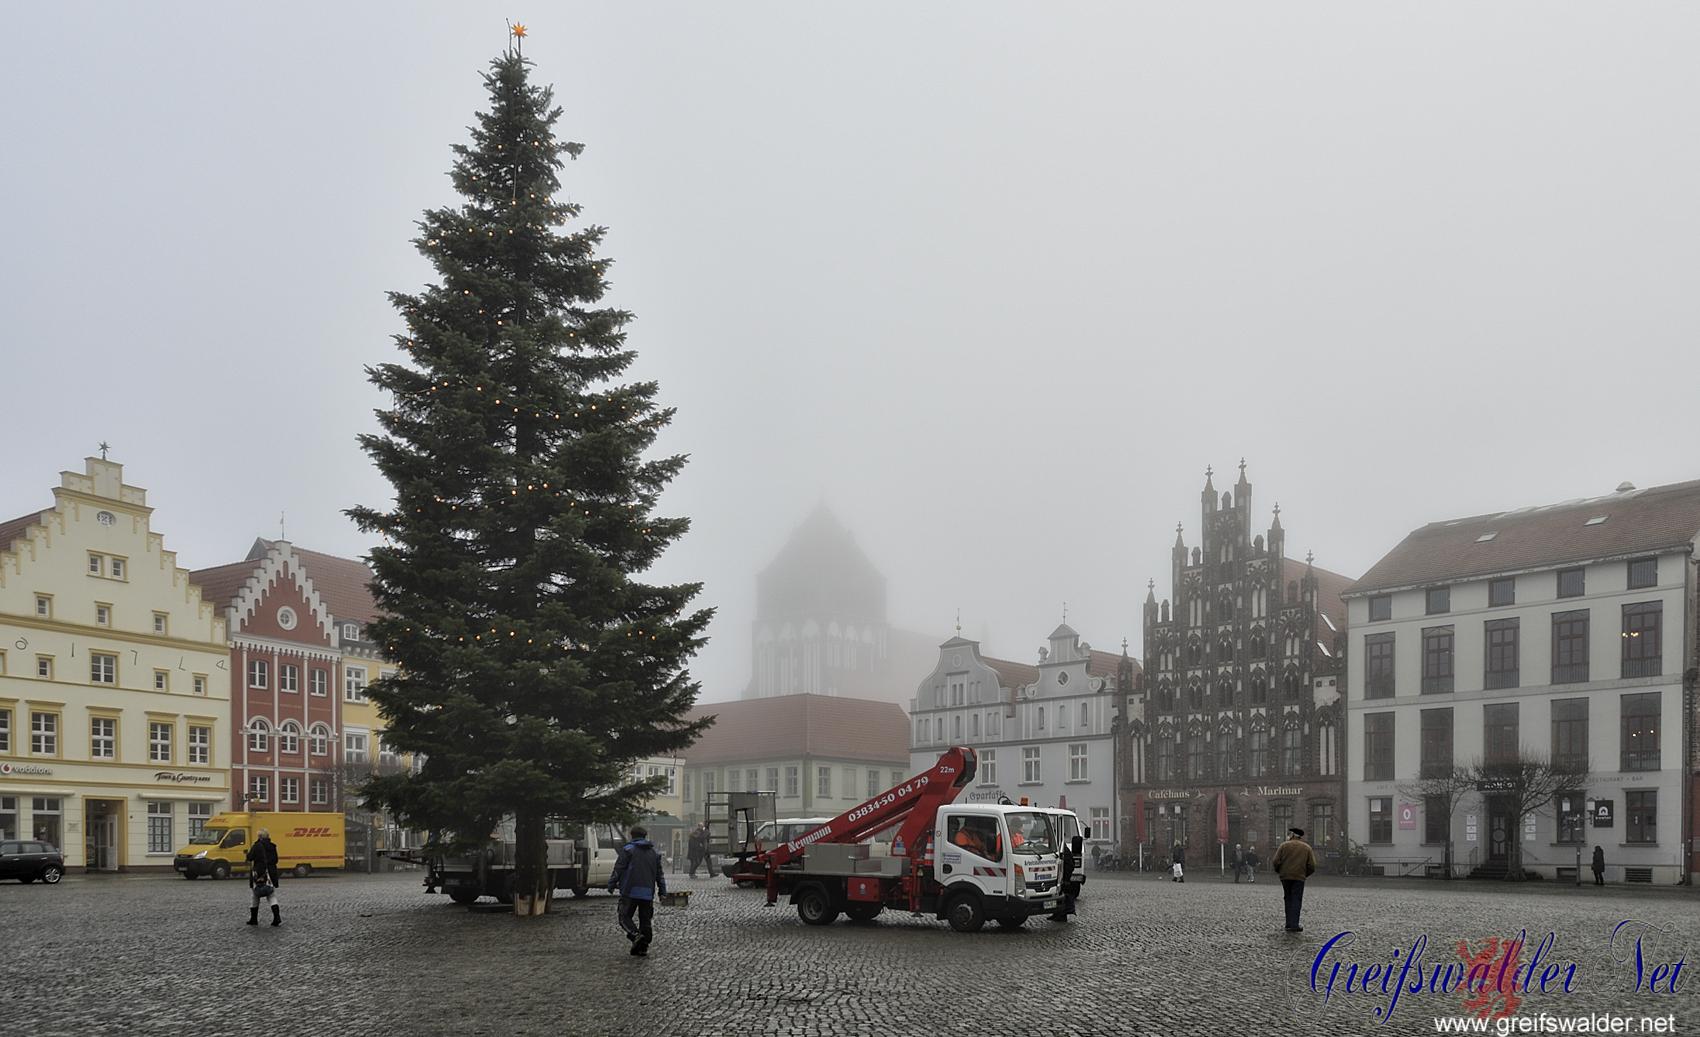 Weihnachtsbaum auf dem Marktplatz in Greifswald